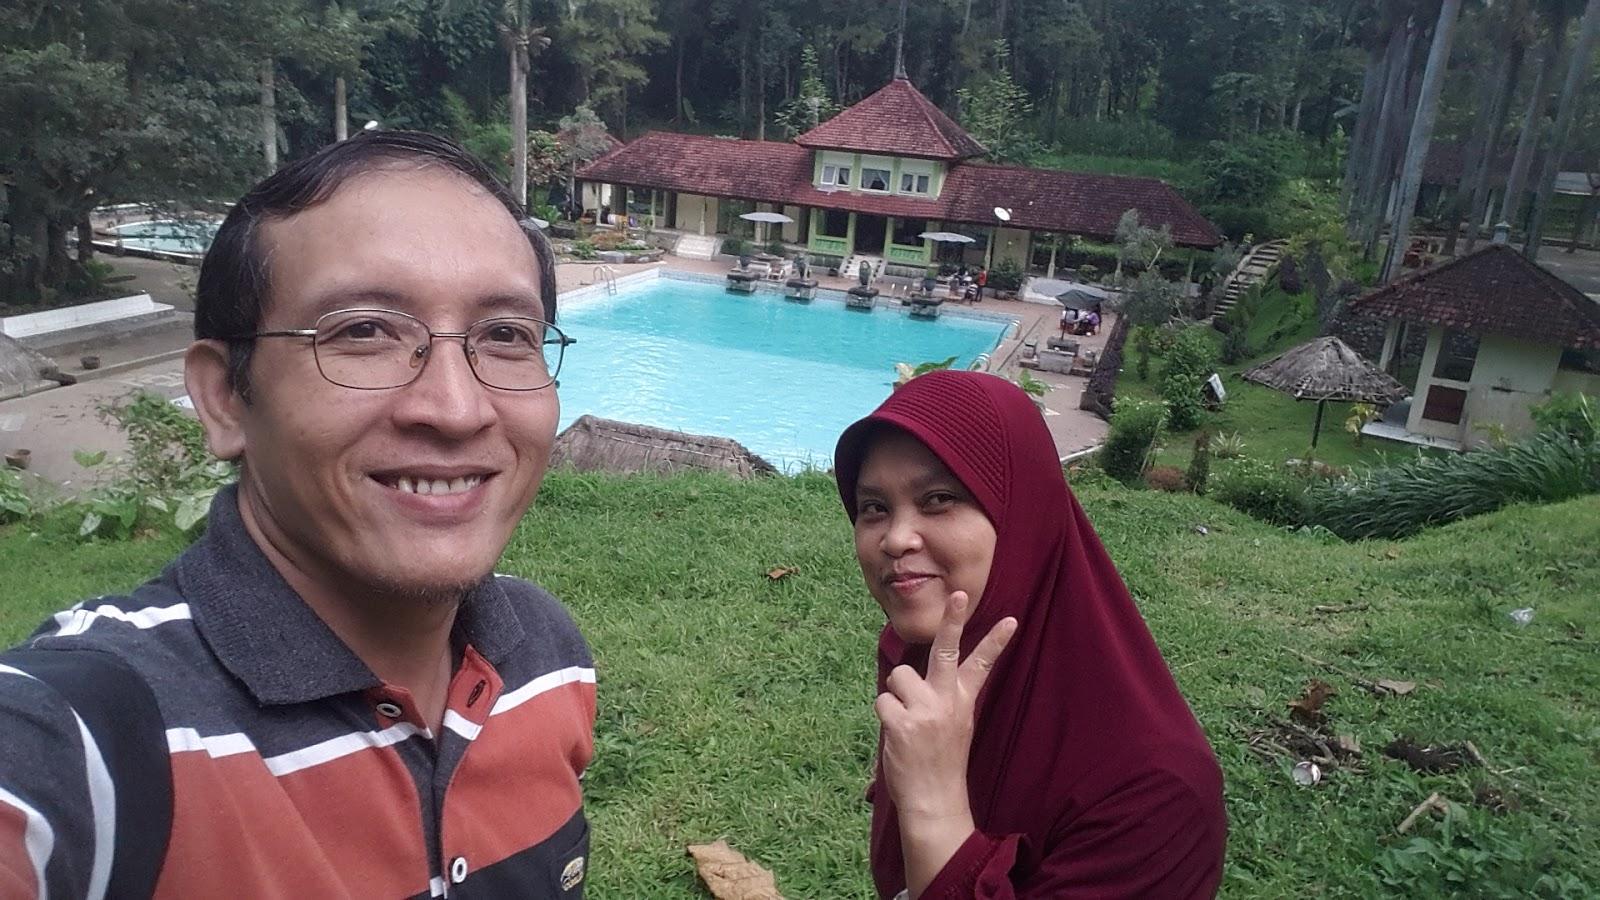 Firdaus Ubaidillah Pemandian Tasnan Kabupaten Bondowoso Jawa Timur Wisata Cocok